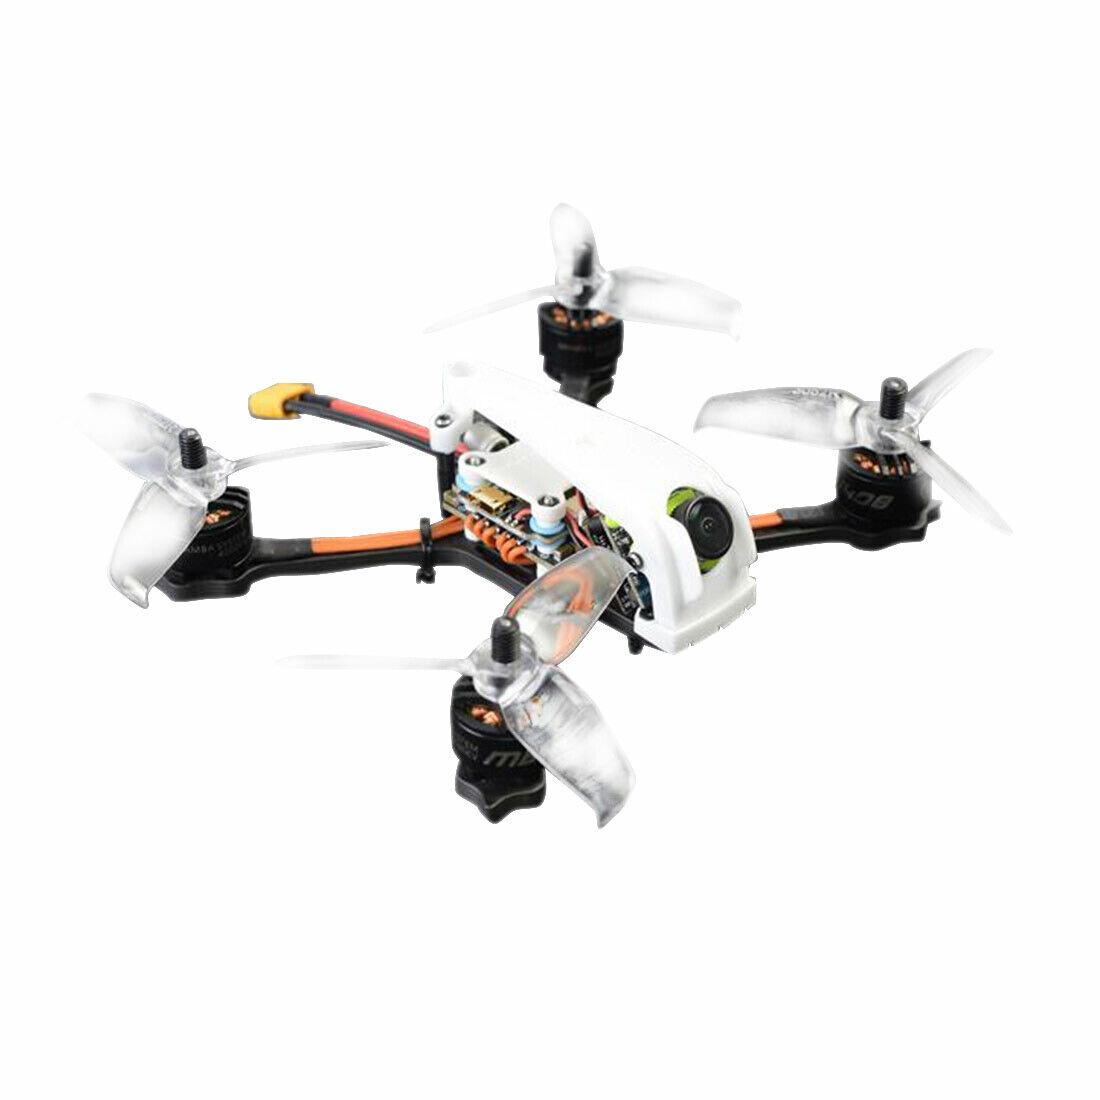 Mejorada 135mm PNP 3 Pulgadas Interior Vista en primera persona Racing Drone Cuadricóptero con Mamba F405